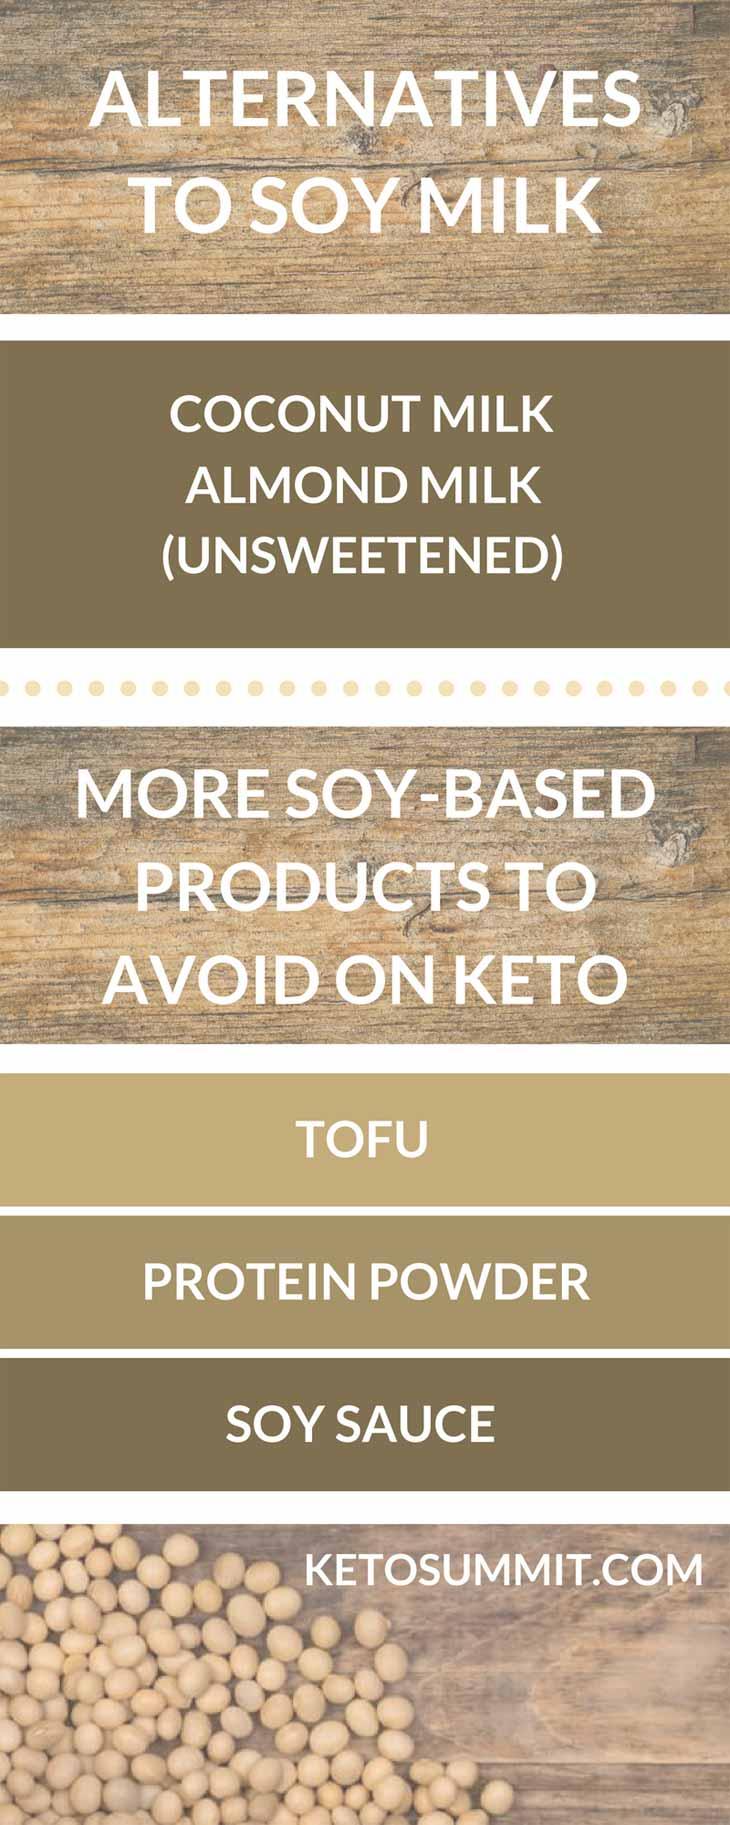 Is Soy Milk Keto?